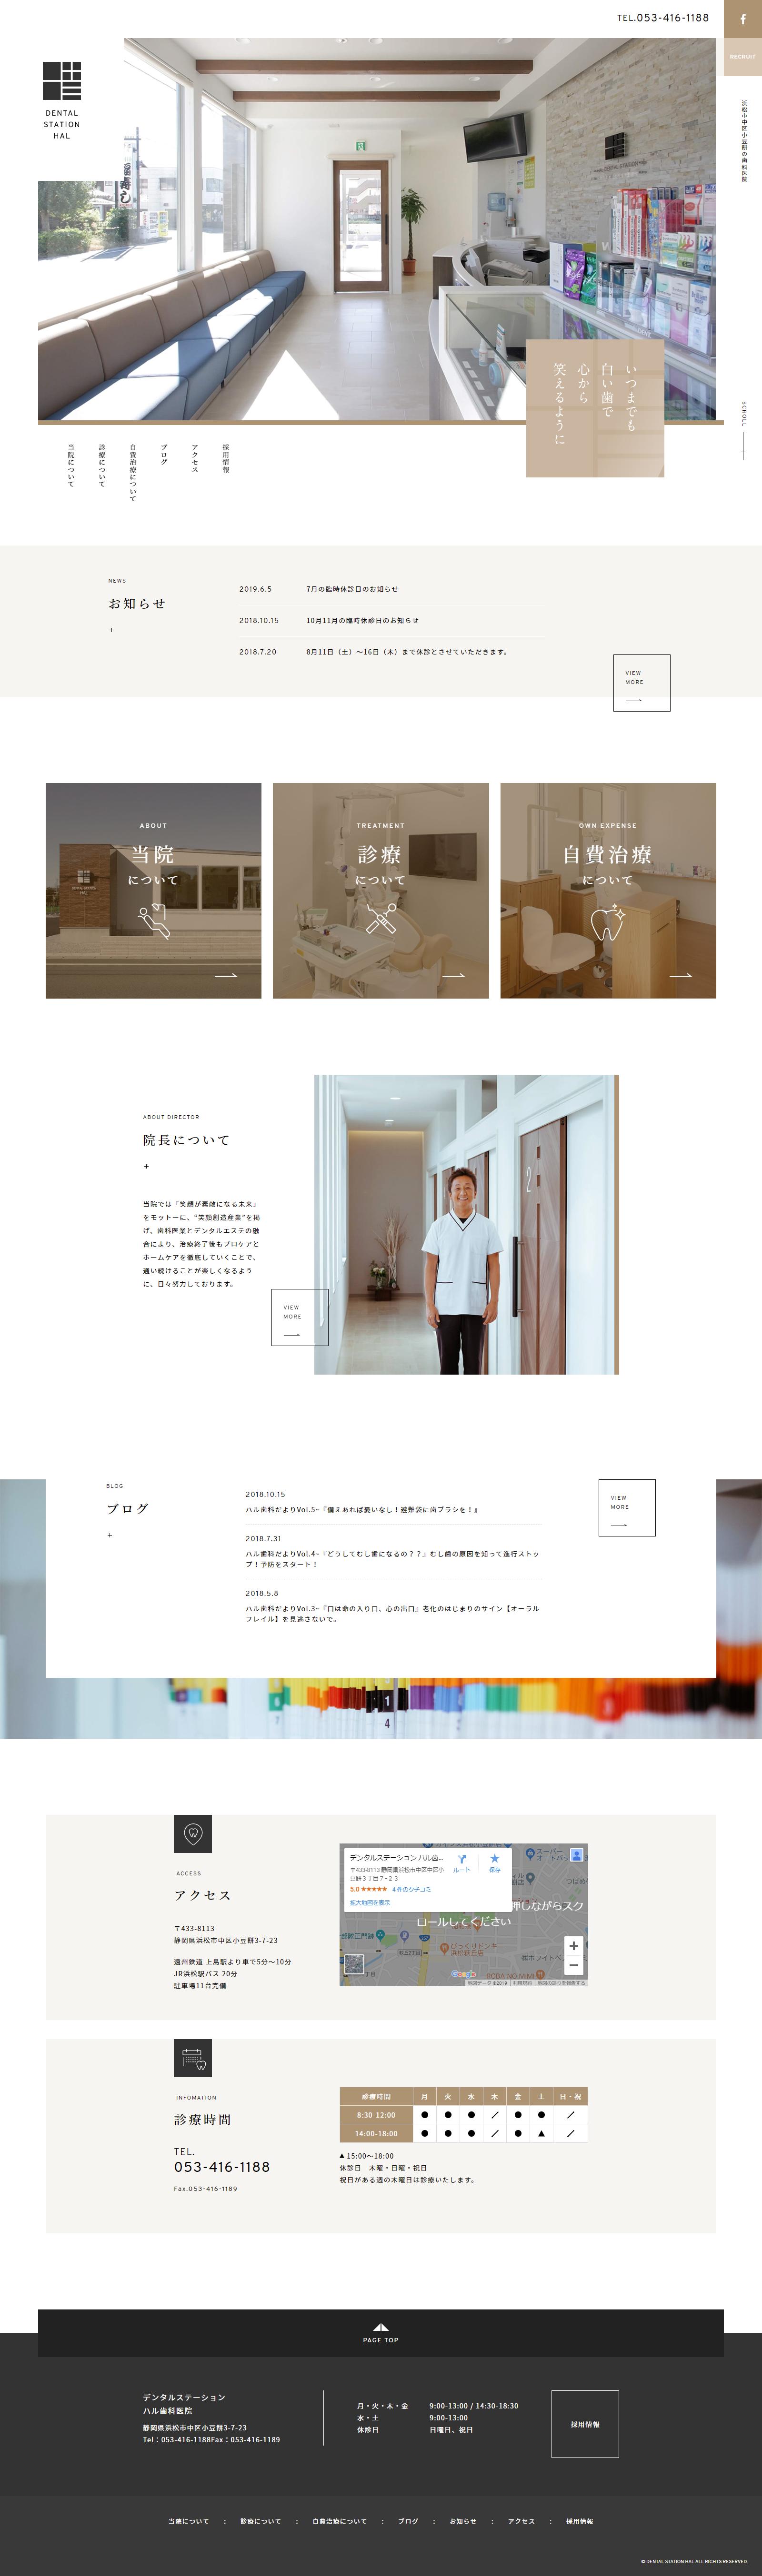 ヘッダーに収まらない縦長ロゴの置き方 Lp デザイン Webデザイン ウェブデザイン